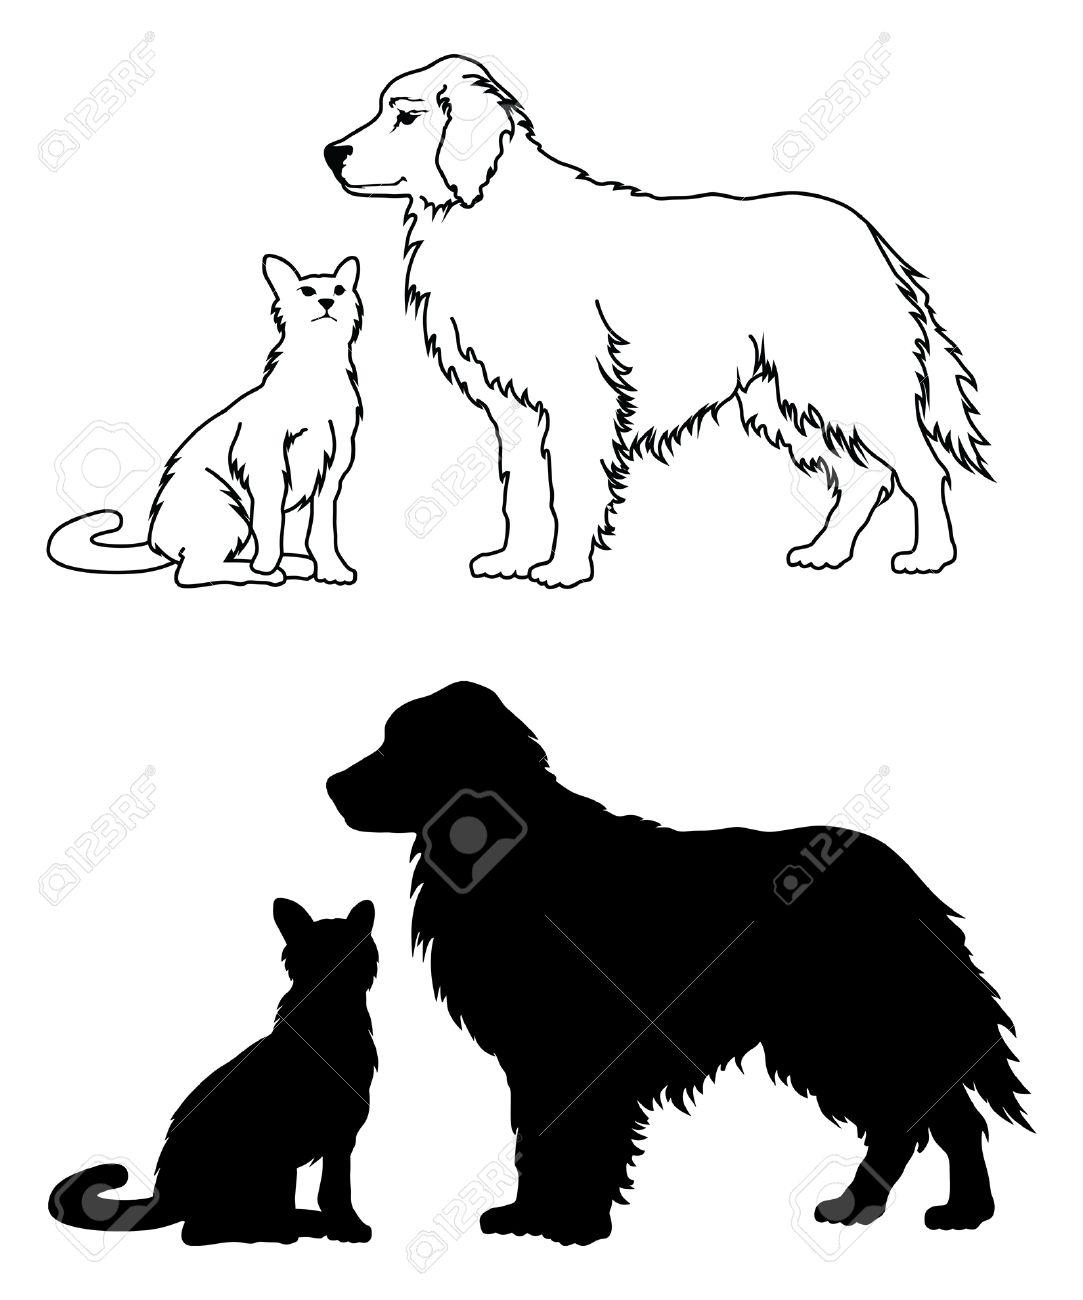 Disegno Cane Bianco E Nero.Cane E Gatto Stile Grafico E Un Esempio Di Due Cani E Un Gatto La Grafica In Bianco E Nero Uno E In Forma Contorno Disegno E L Altro E In Forma